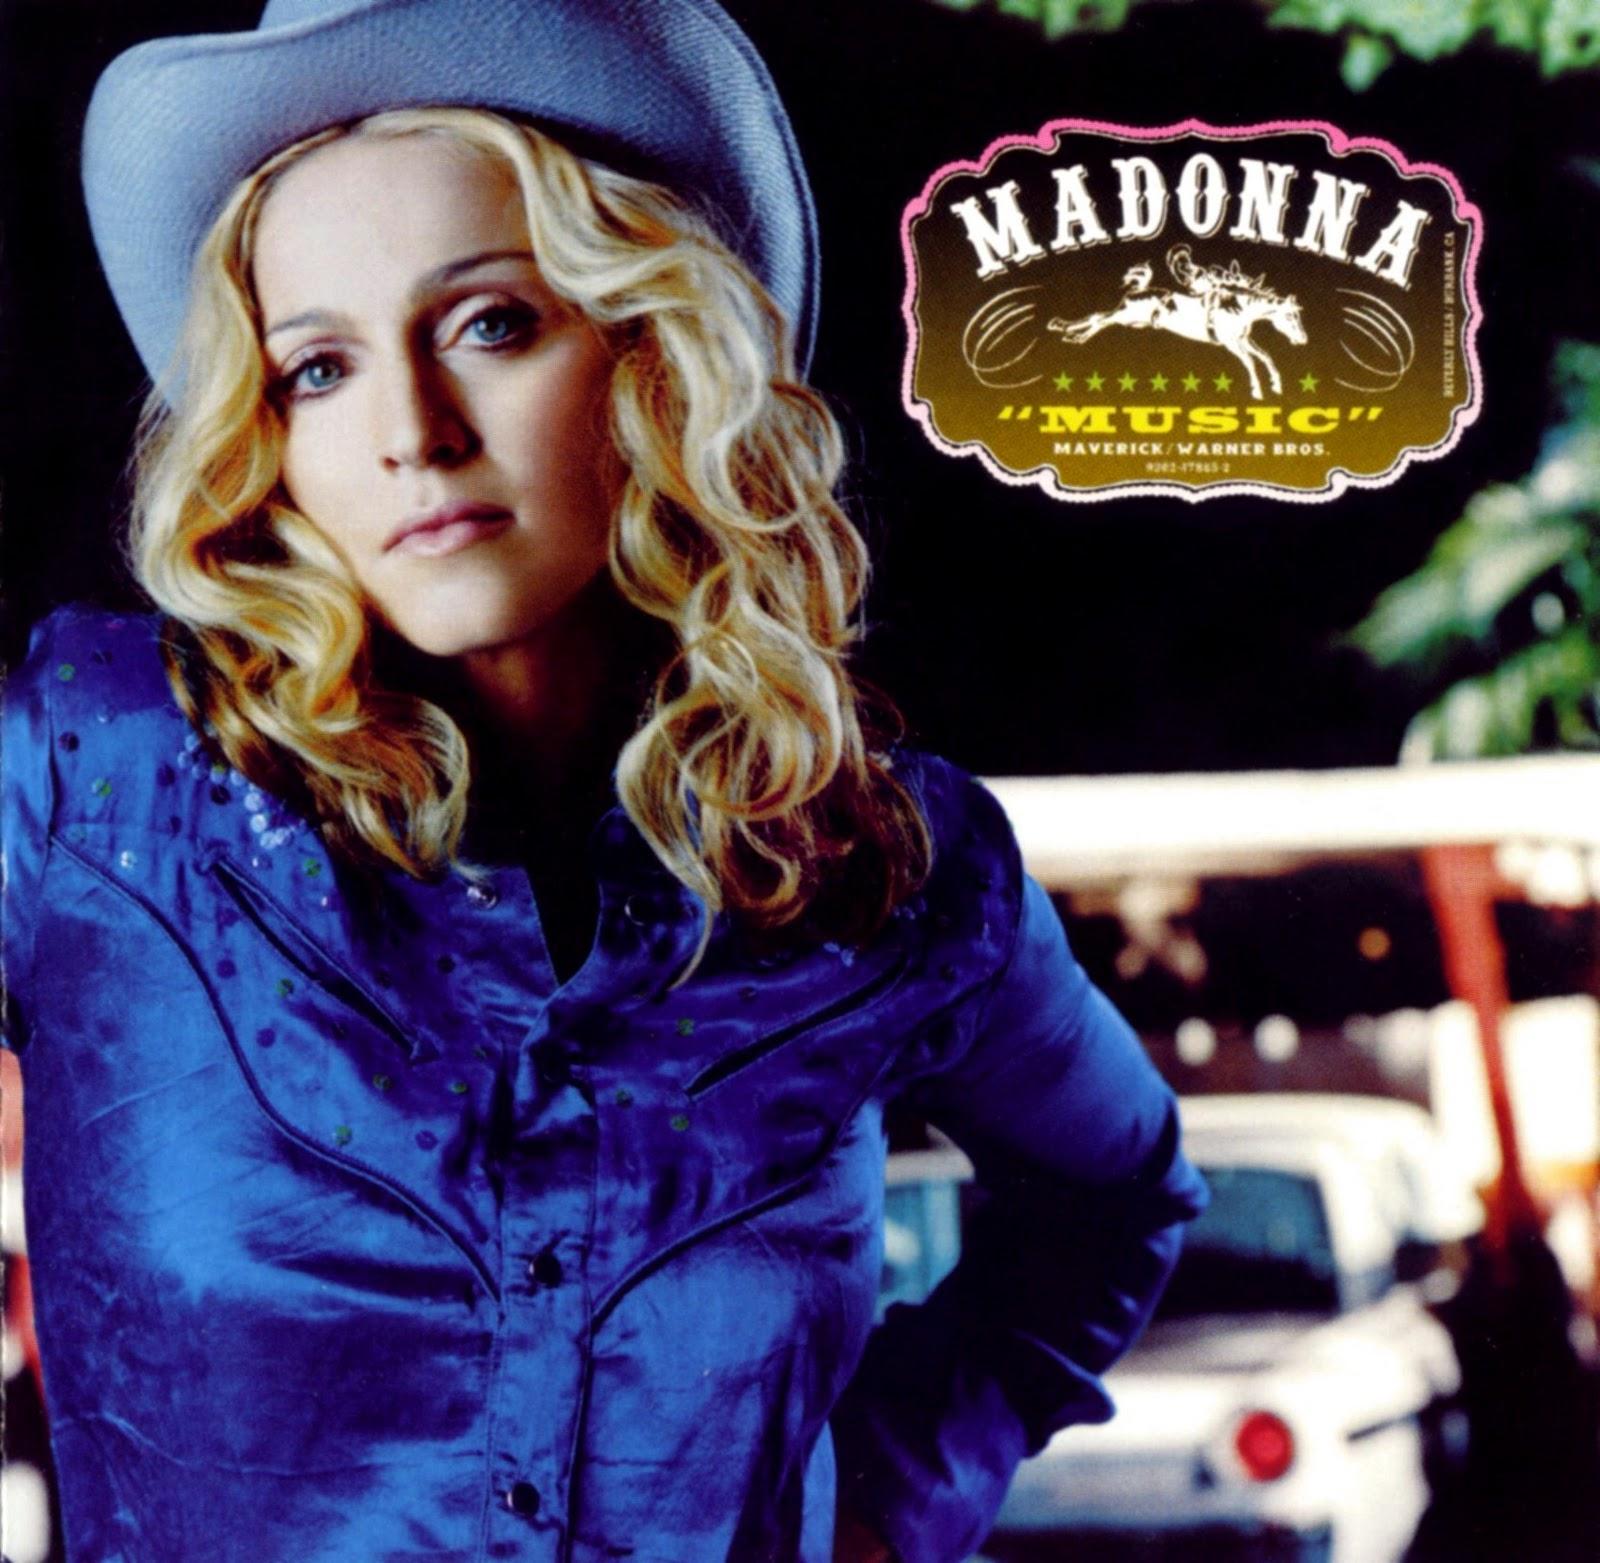 http://4.bp.blogspot.com/_vj2nlE0u2Z4/TUSMwp3-uPI/AAAAAAAAAbA/oOVw4-J34WY/s1600/Madonna+-+Music+%255BFront%255D.jpg